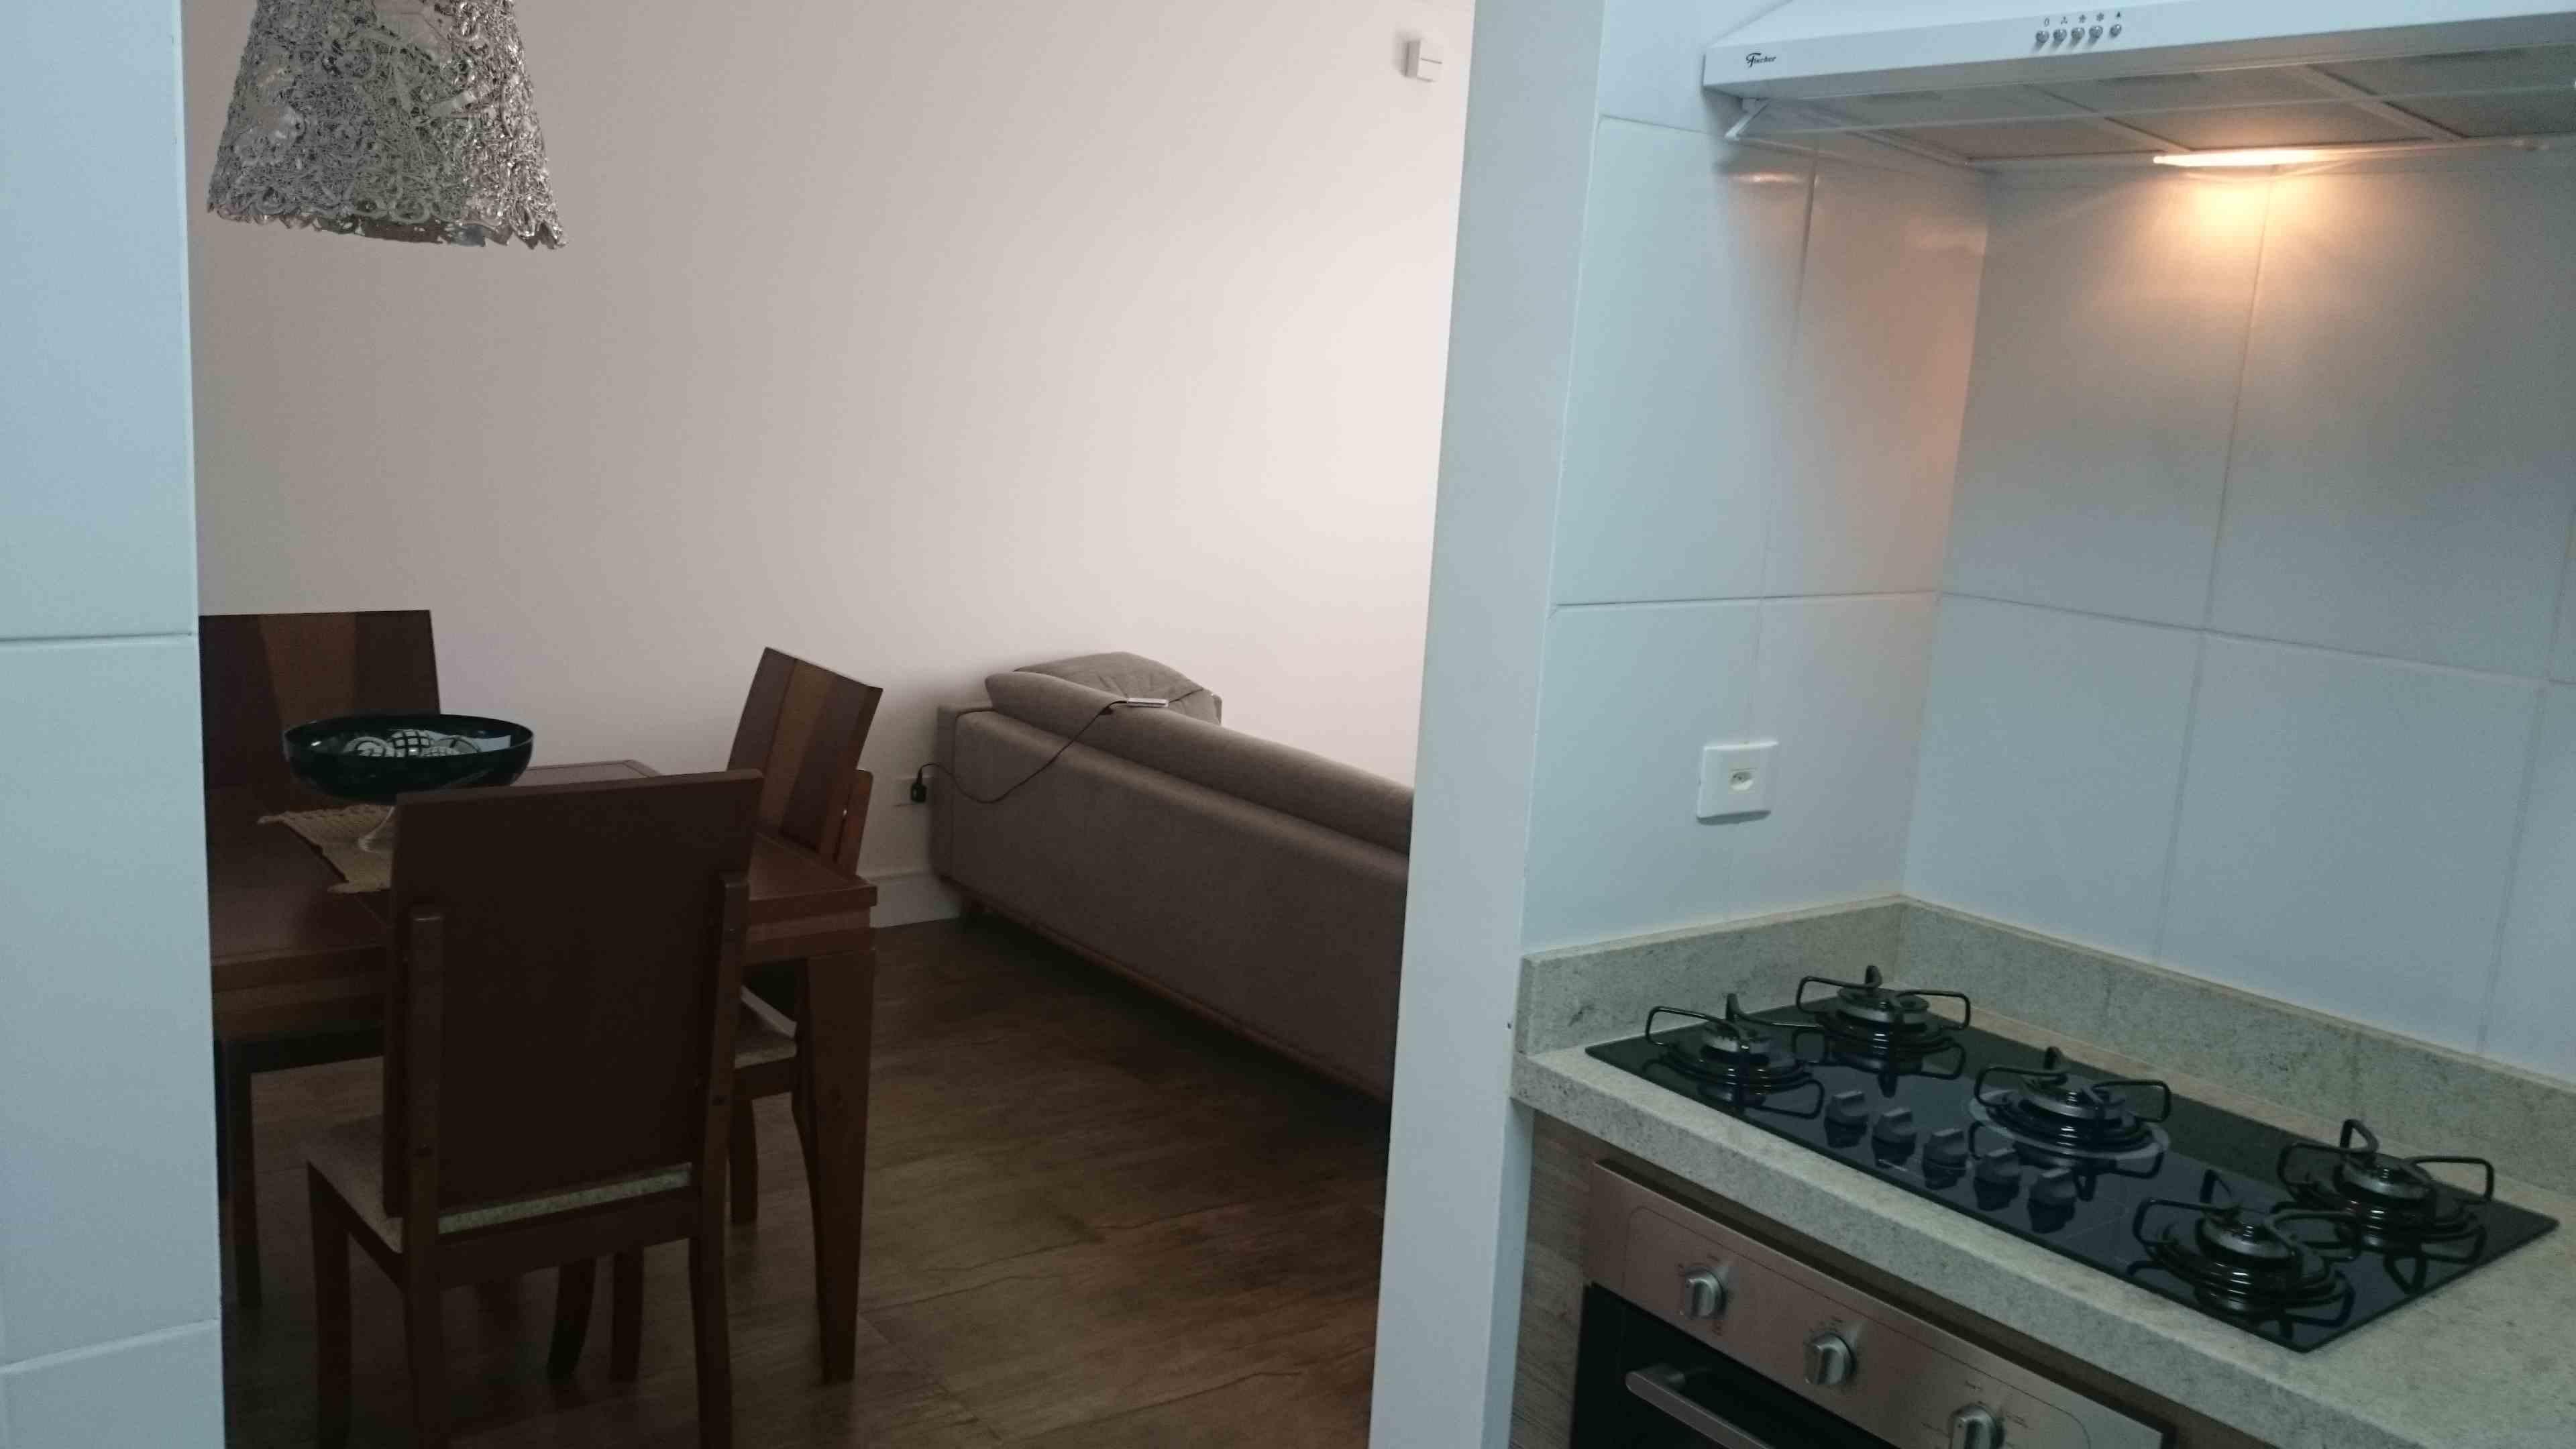 Imagens de #786453  com 3 dormitórios no Vila Oliveira em Mogi das Cruzes SP Ref.: 7785 3840x2160 px 2788 Box Banheiro Mogi Das Cruzes